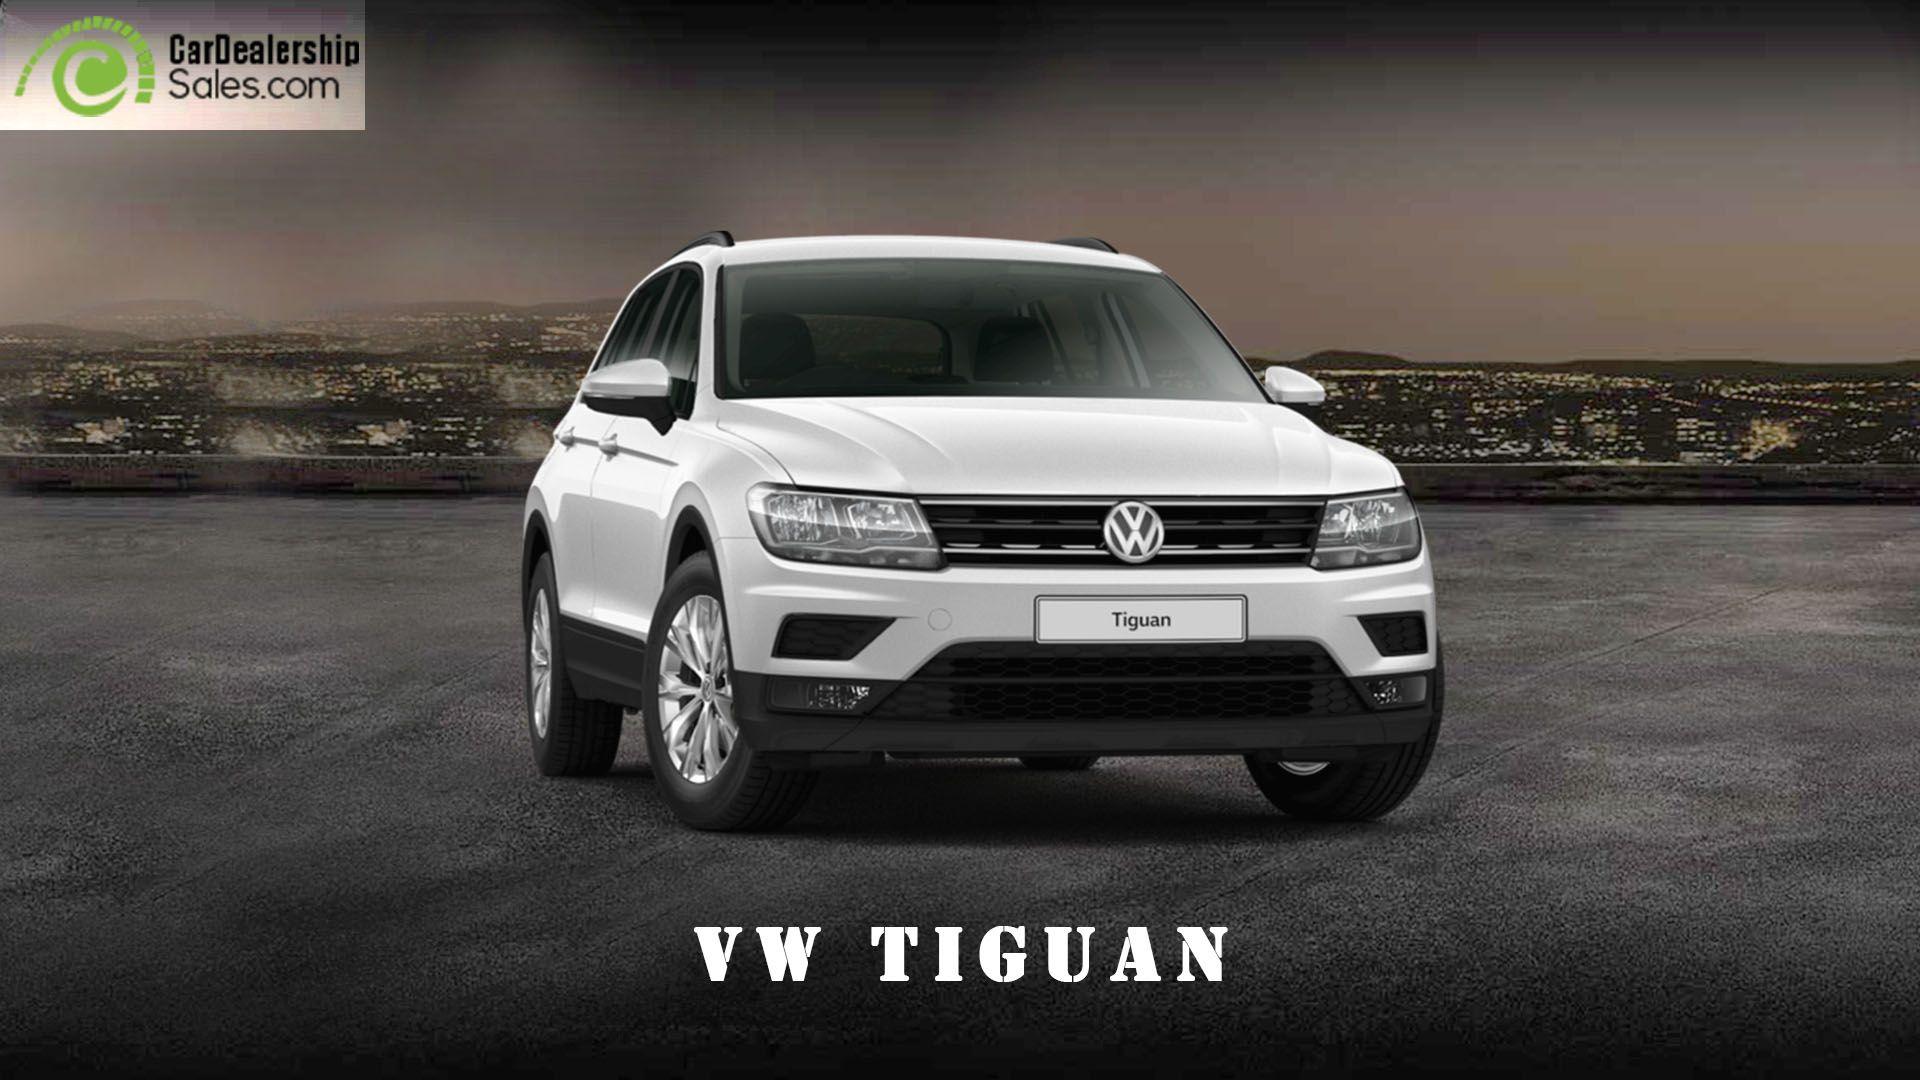 Volkswagen Tiguan Prices, Reviews & Specs Best midsize